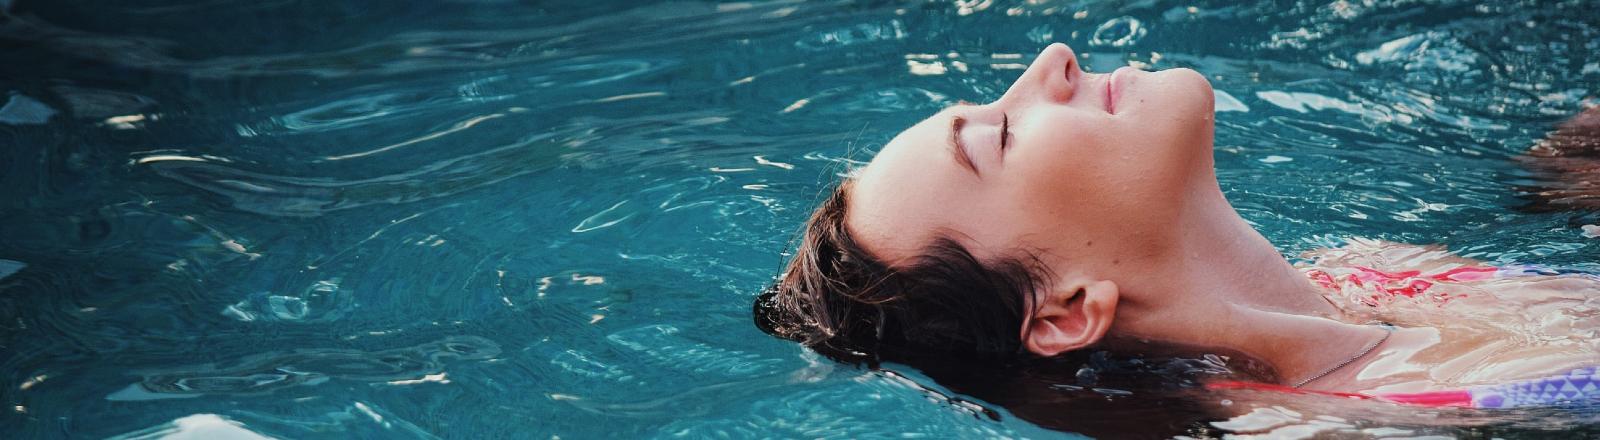 Frau treibt auf dem Rücken im Wasser.